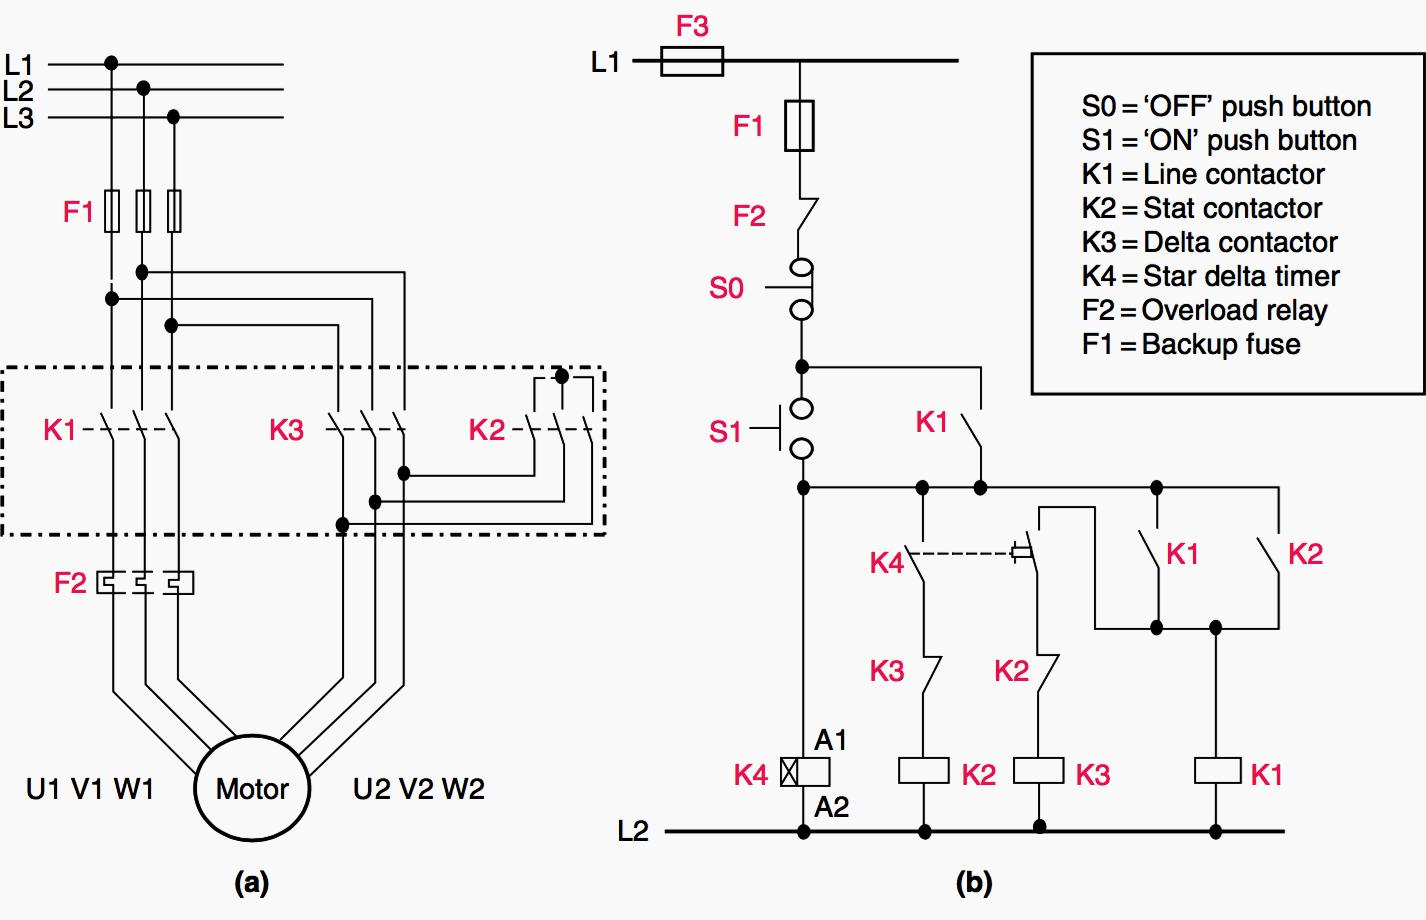 32 Kicker L7 Wiring Diagram